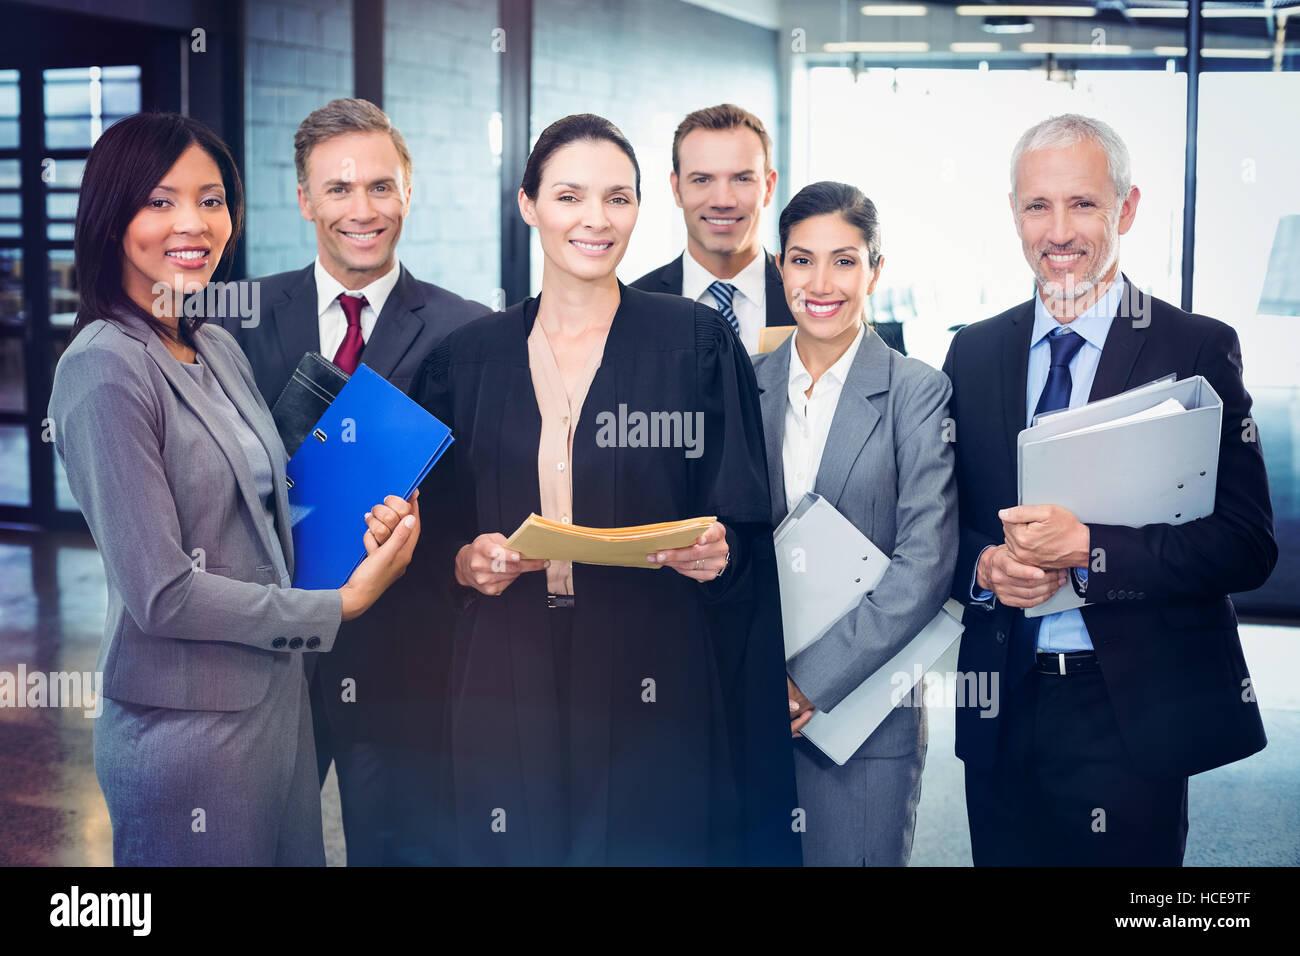 Retrato de abogado de pie junto a la gente de negocios Imagen De Stock